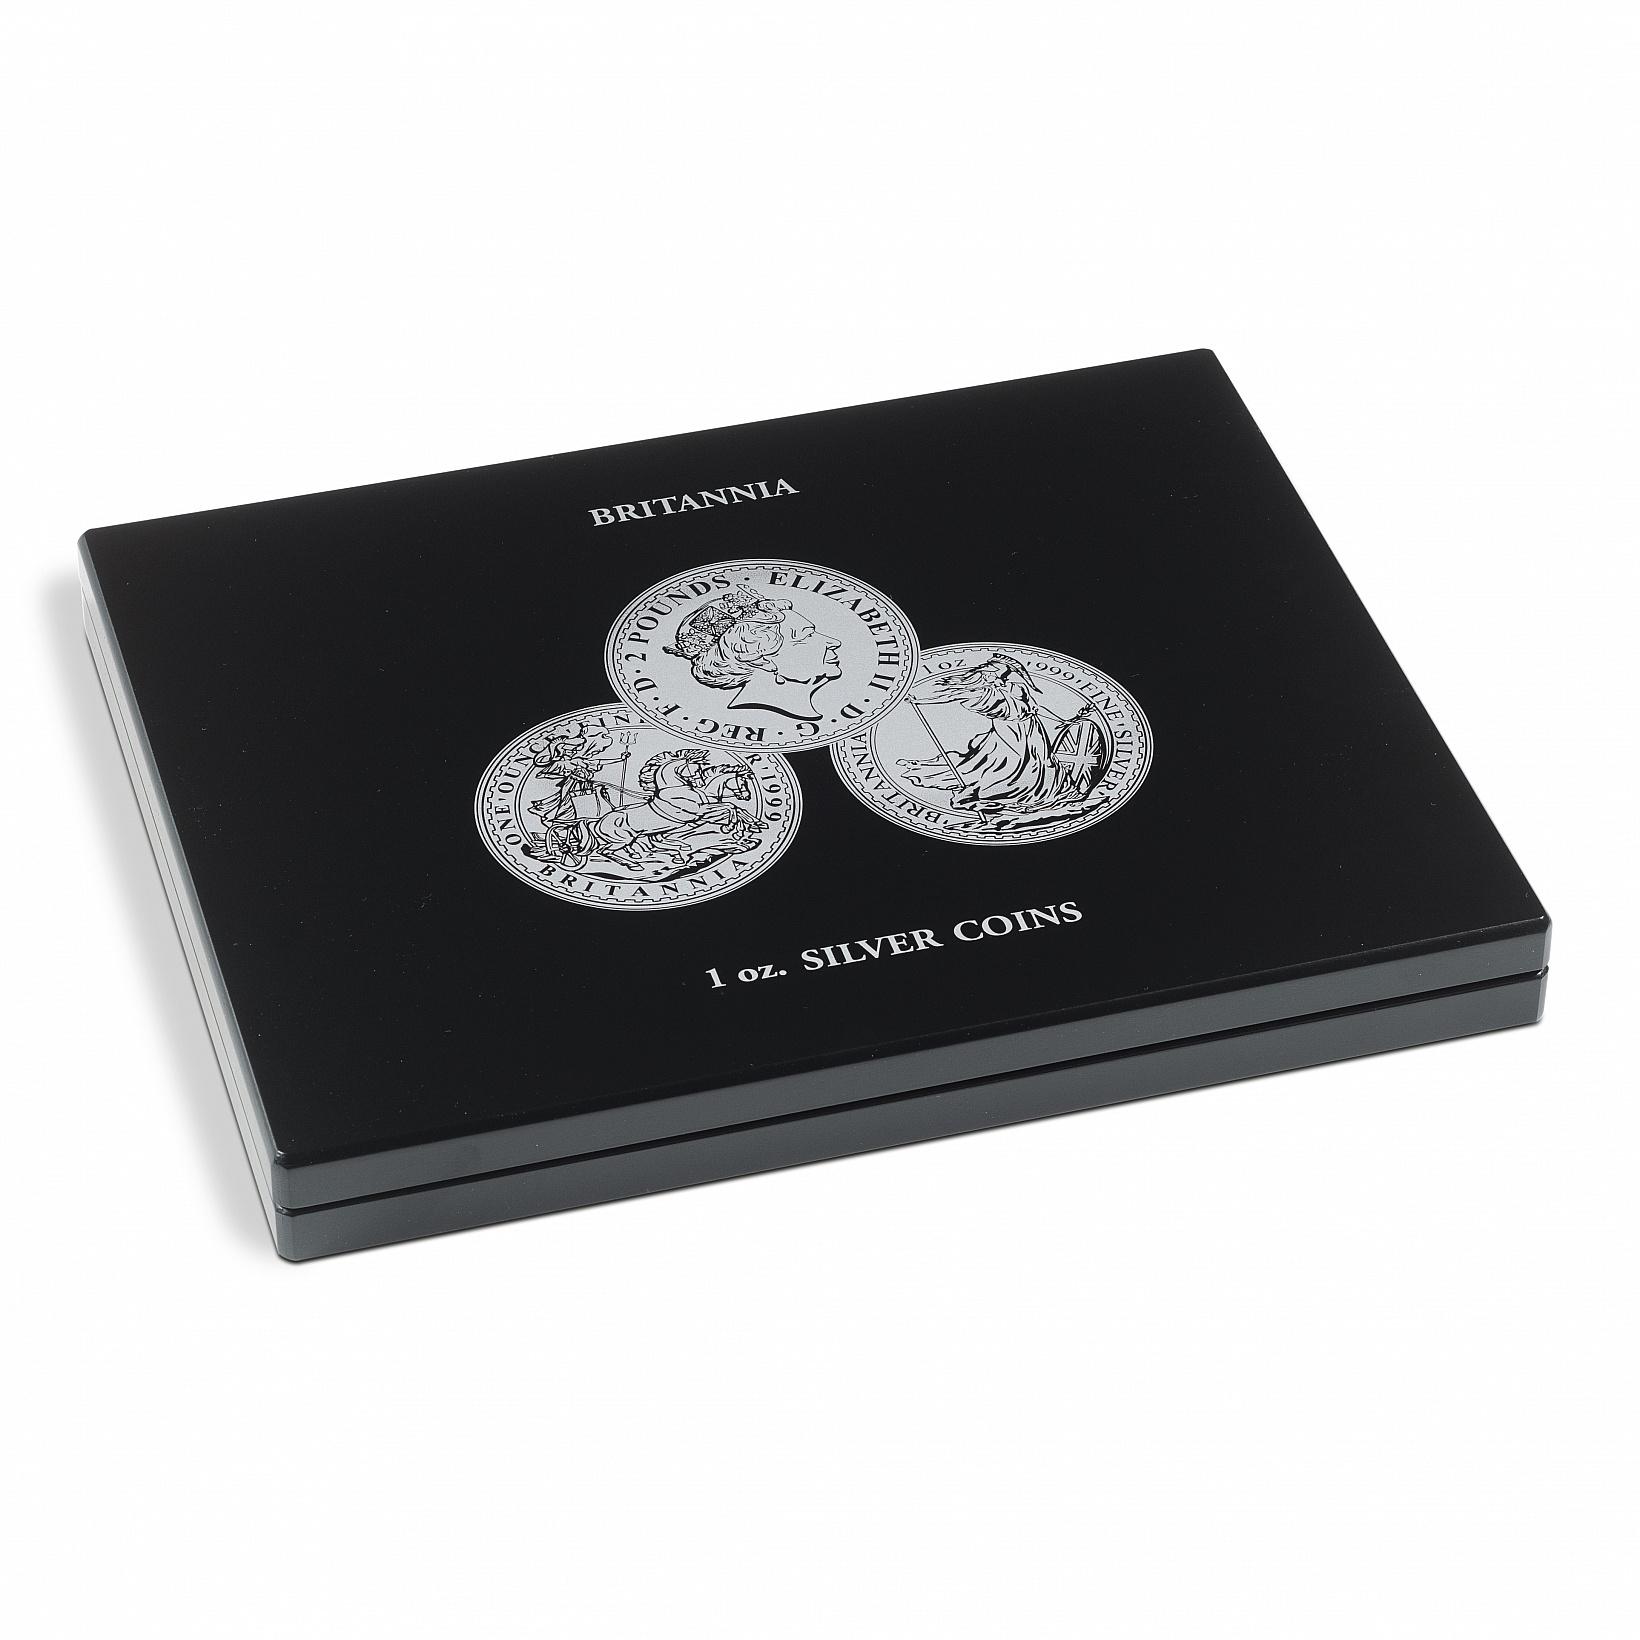 presentation-case-for-20-britannia-silver-coins-1-oz-in-capsules